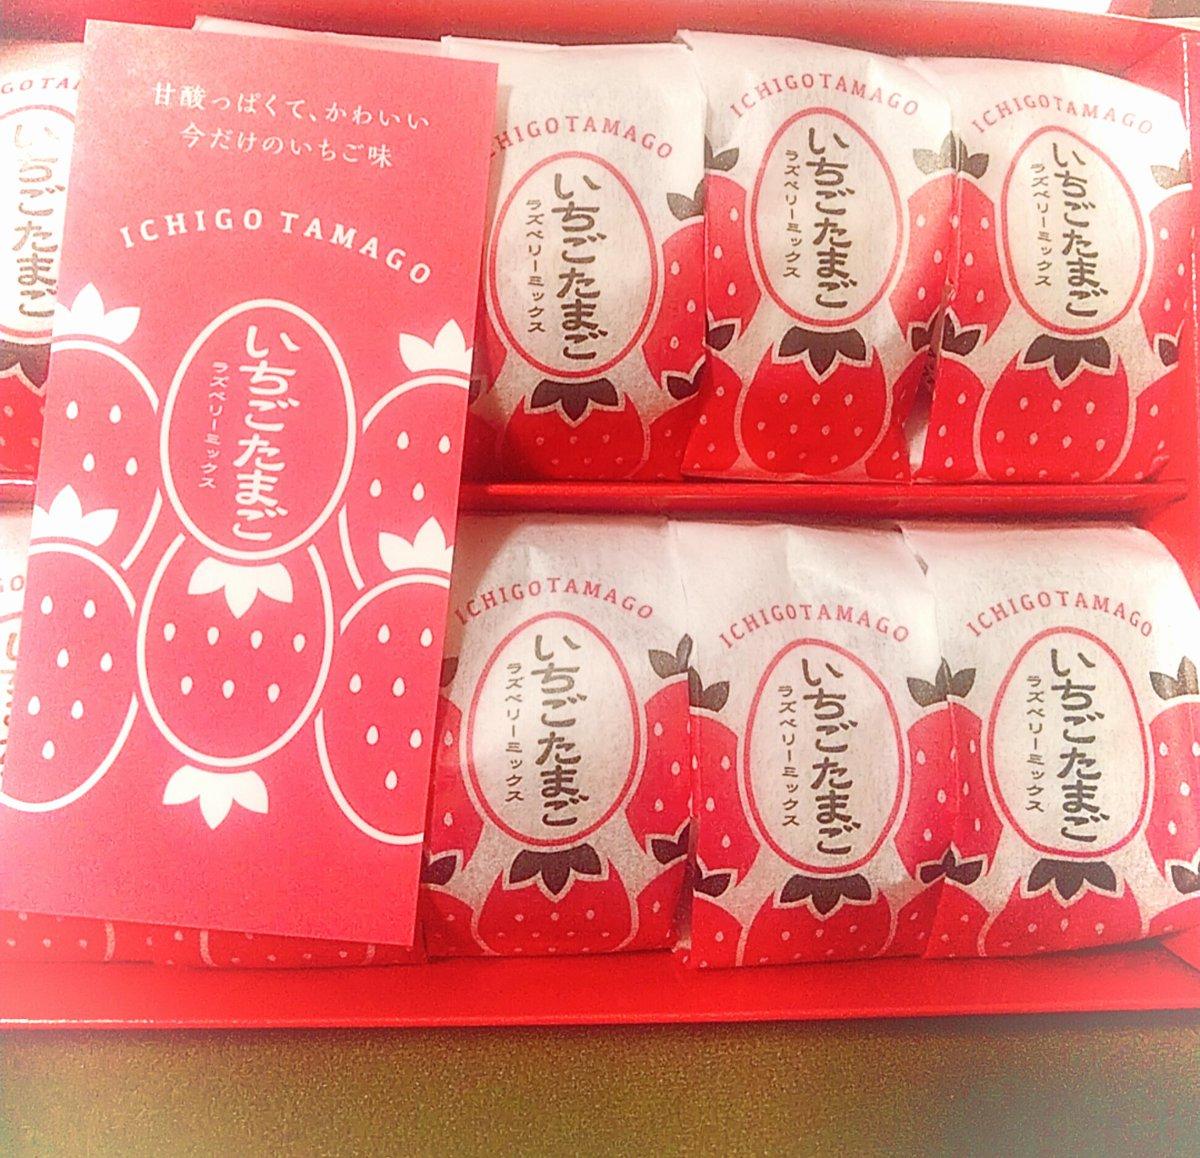 test ツイッターメディア - 週末はおうちでまったり😊  東京土産で先日食べた 『いちごたまご』が かわいくておいしかった💖 また食べたいな😋  すいーとぽてたまごも お気に入り✨✨  #季節限定 #おうちカフェ  #銀座たまや #おやつ #ごまたまご https://t.co/fUhrVtTRL2